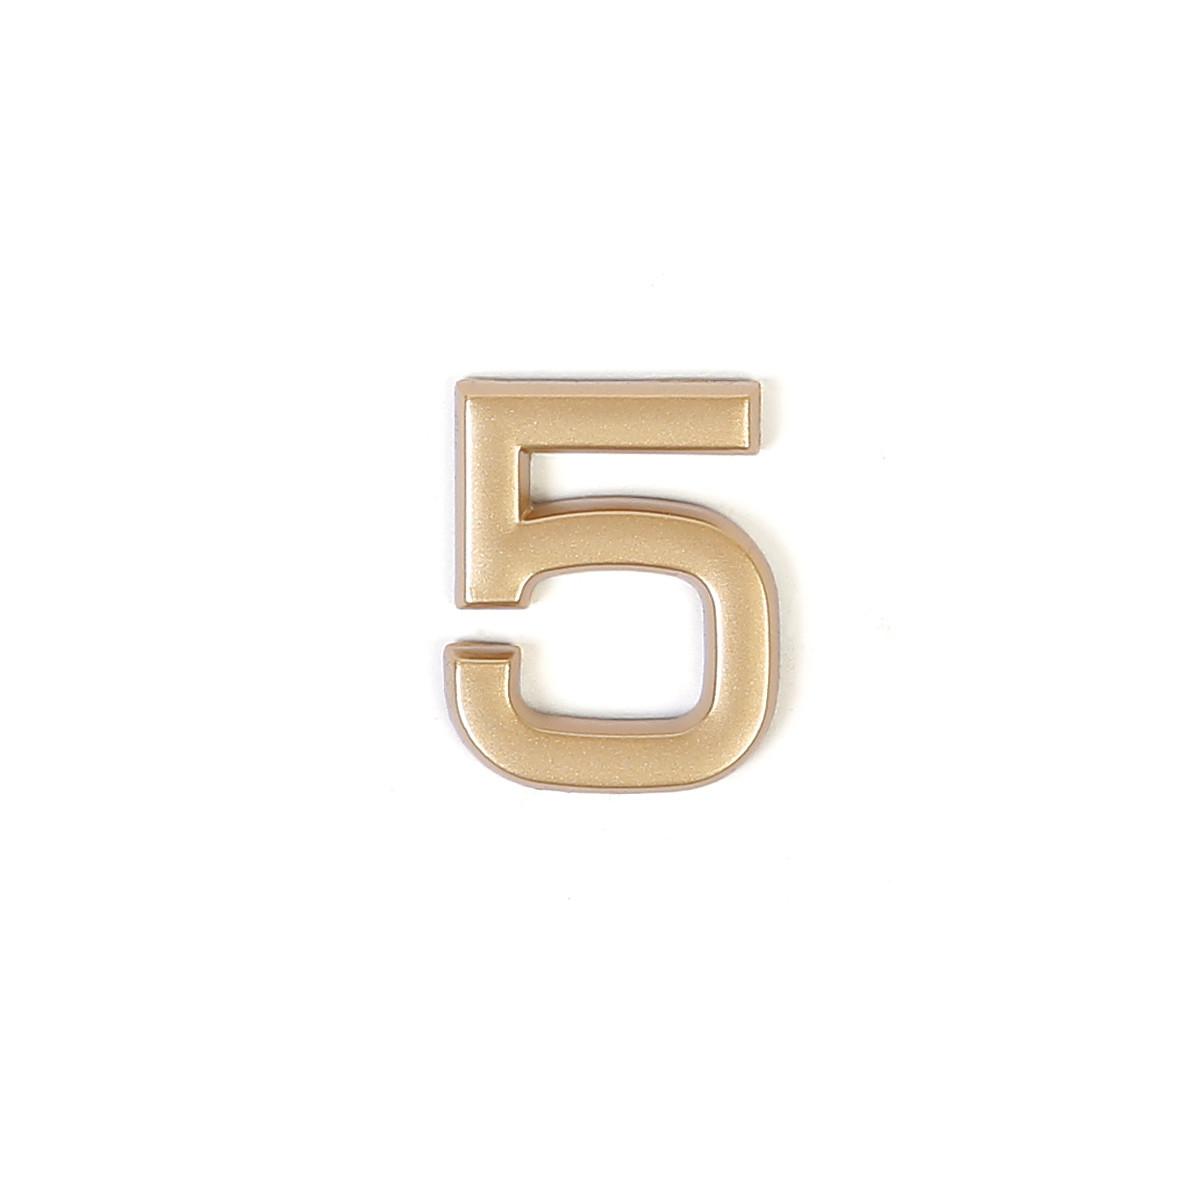 Номер на дверь Larvij цифра 5 матовое золото. Номер из пластика (LNP4MG#5)